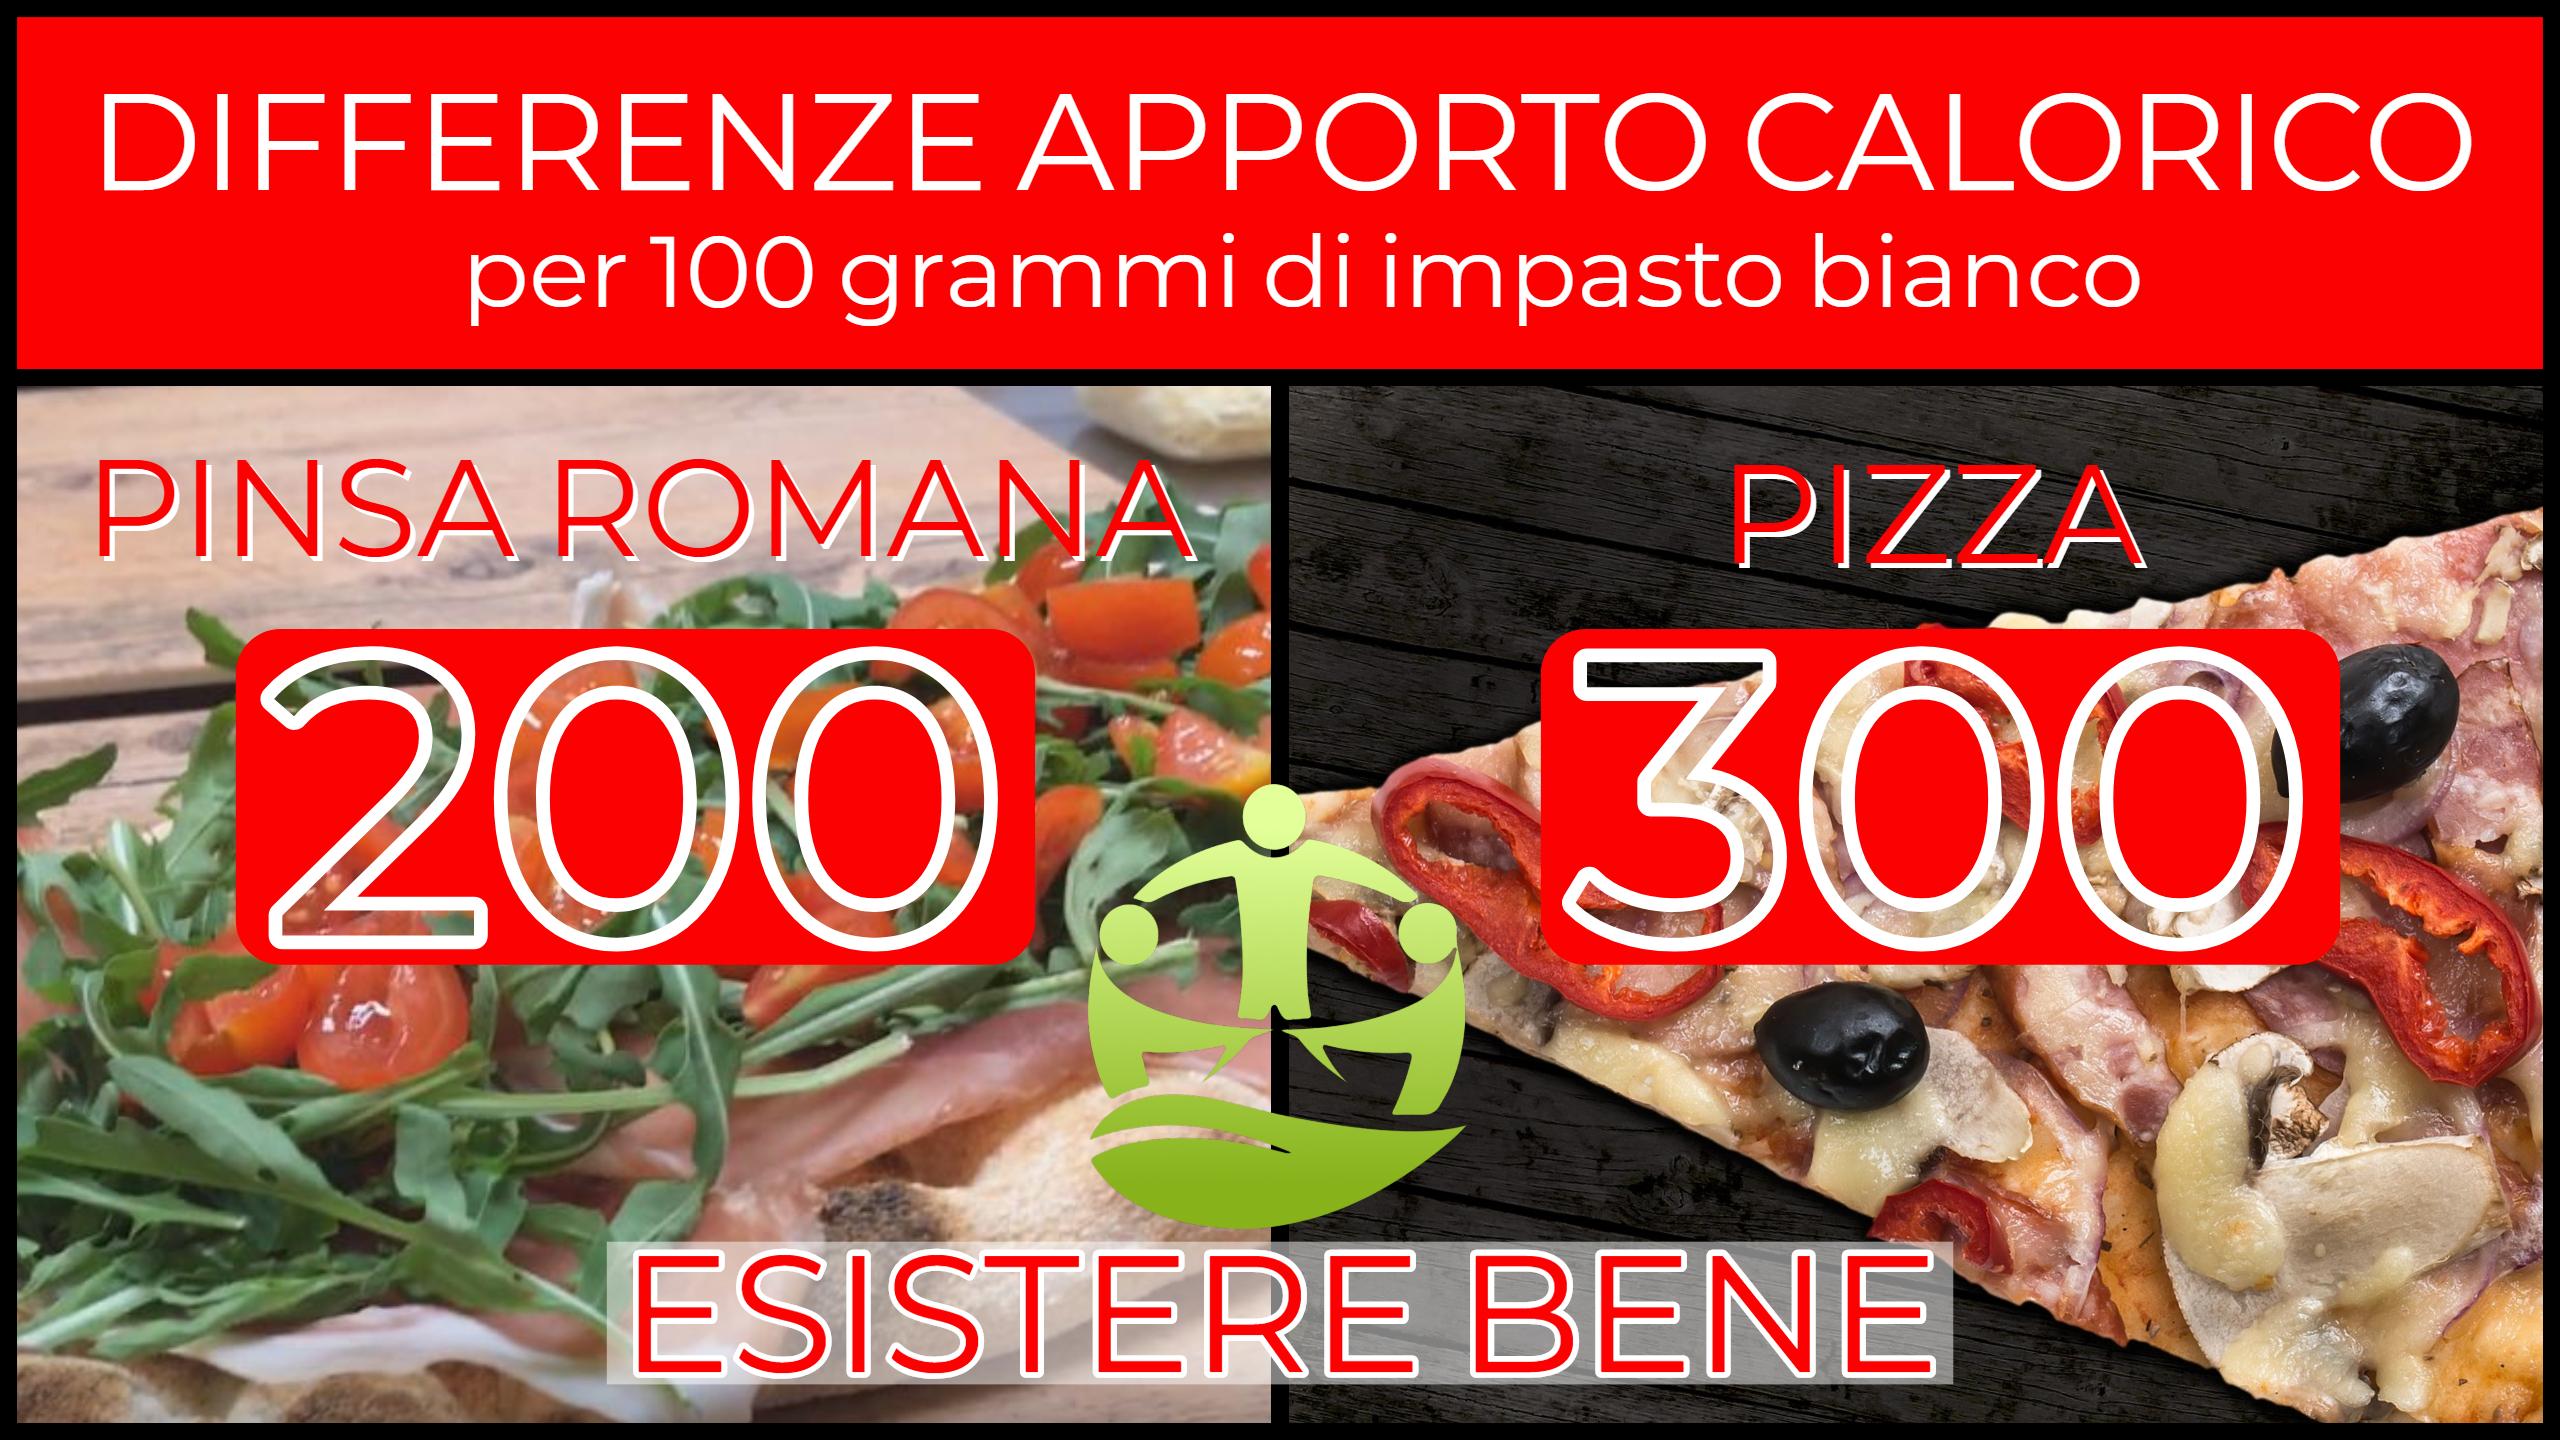 APPORTO CALORICO PINSA ROMANA - ESISTERE BENE